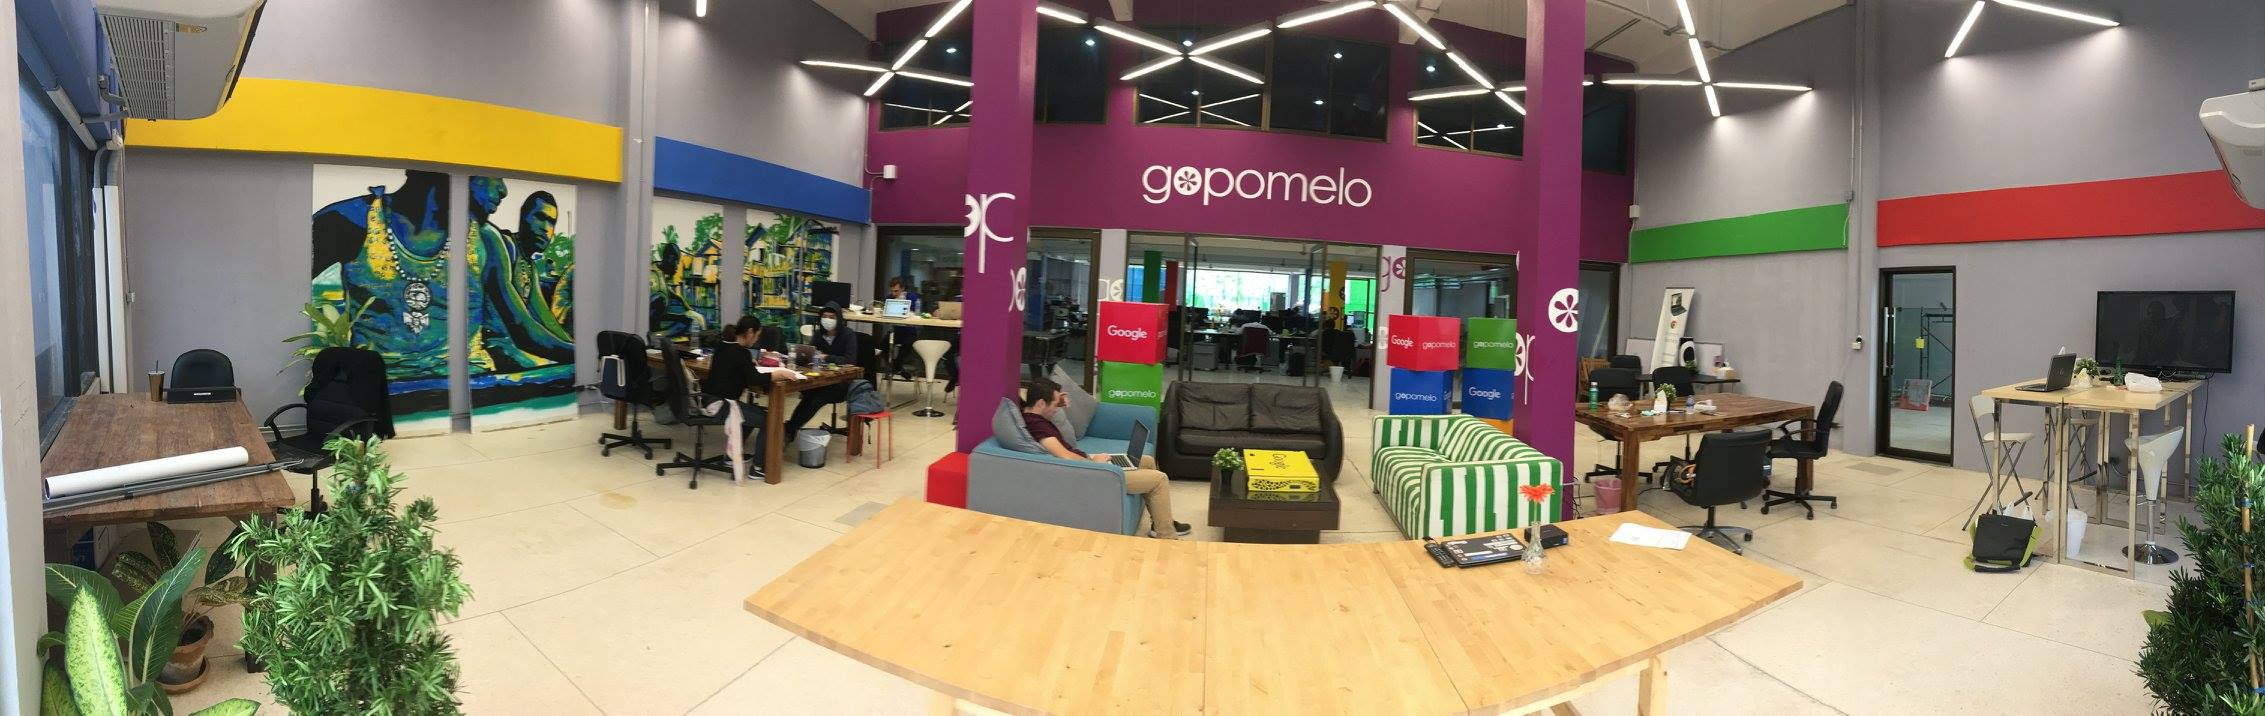 GoPomelo area